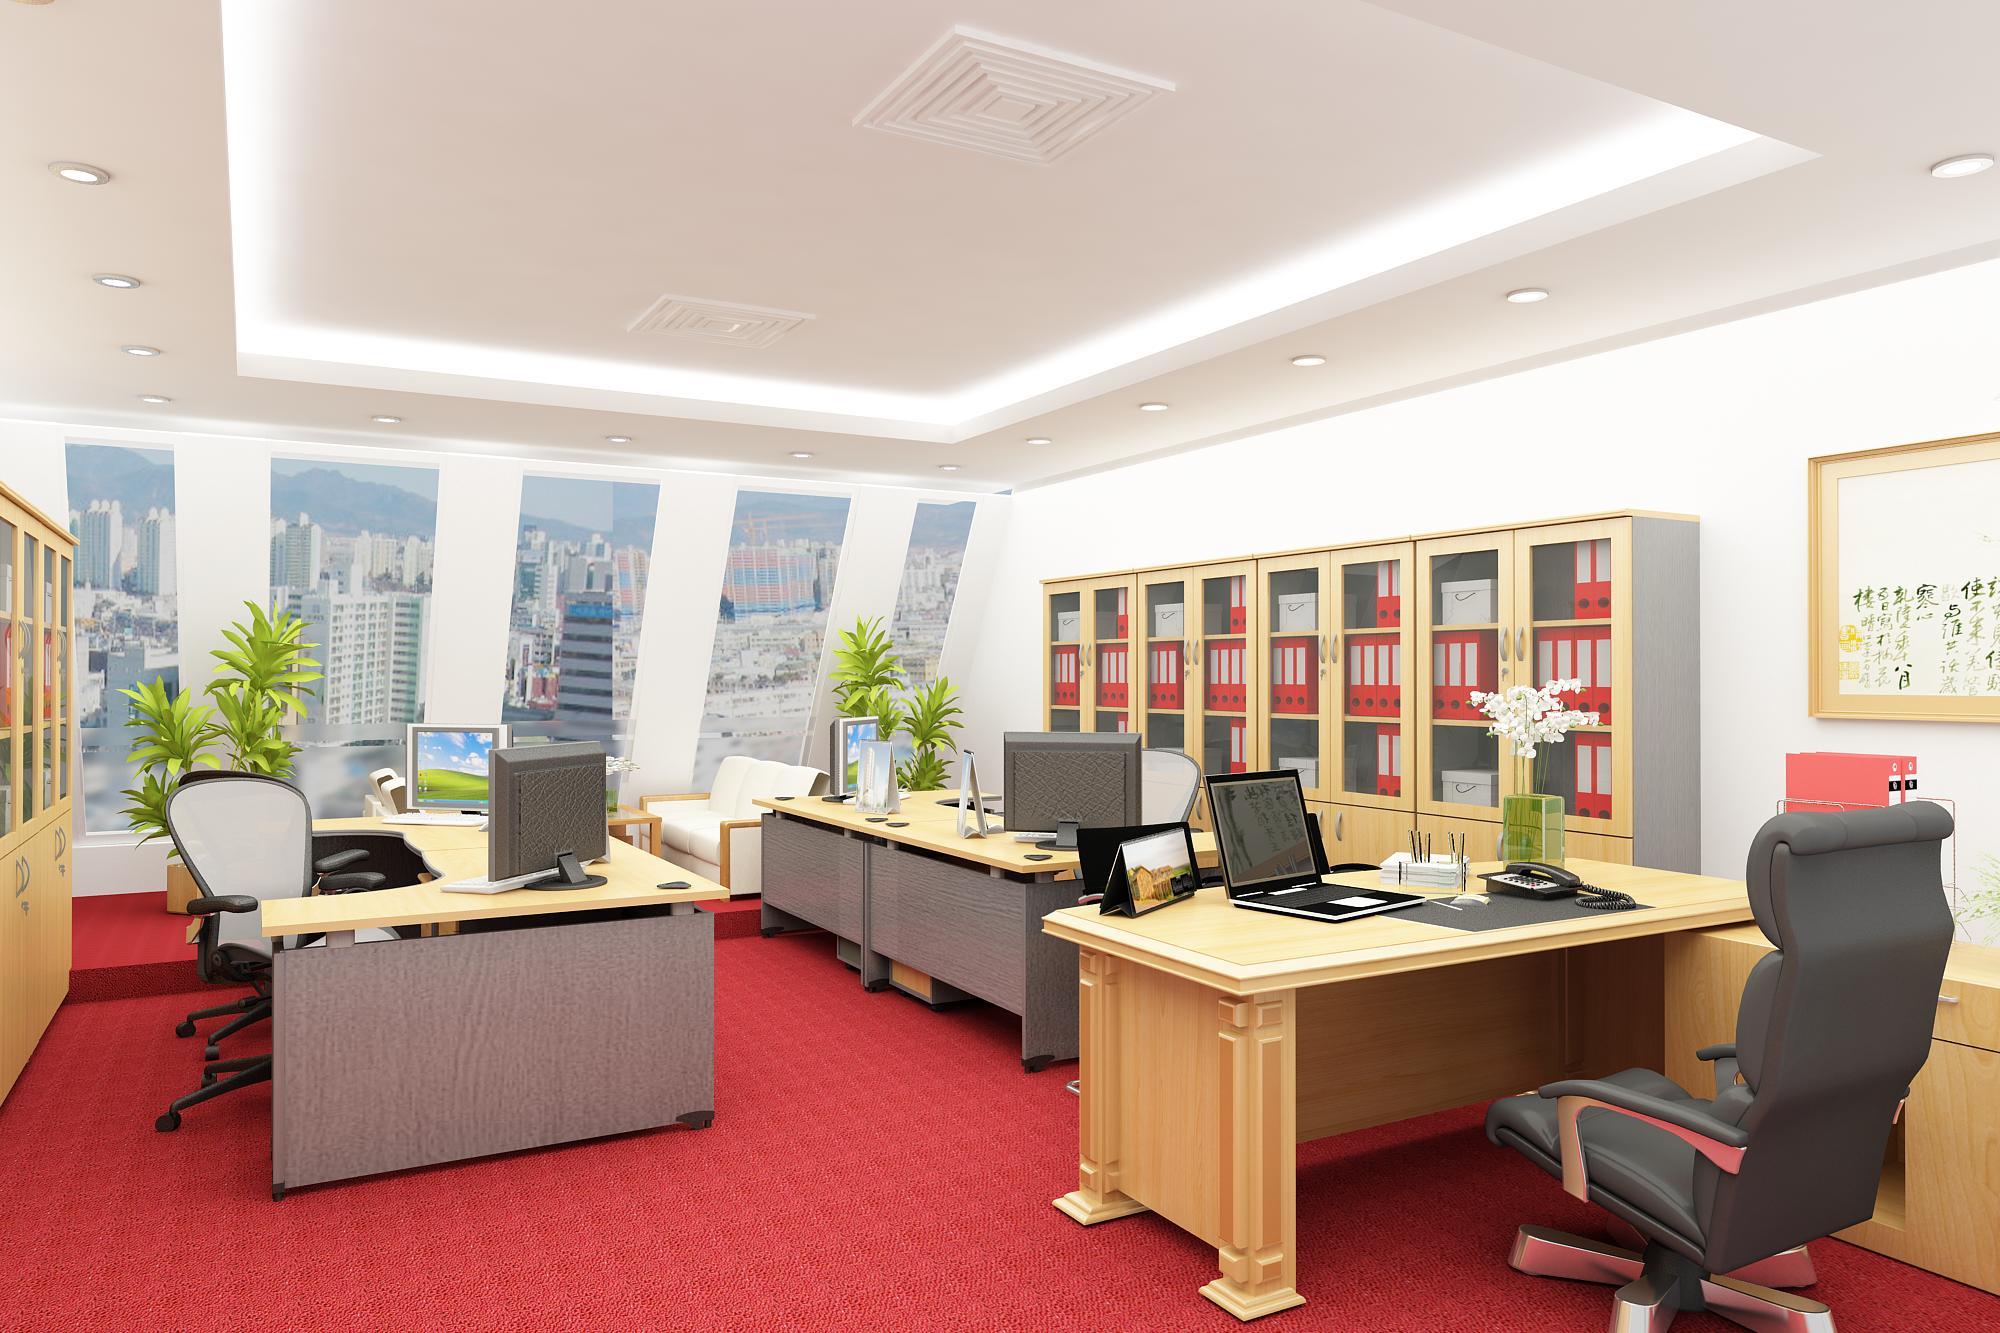 Áp dụng thiết kế văn phòng theo 5S